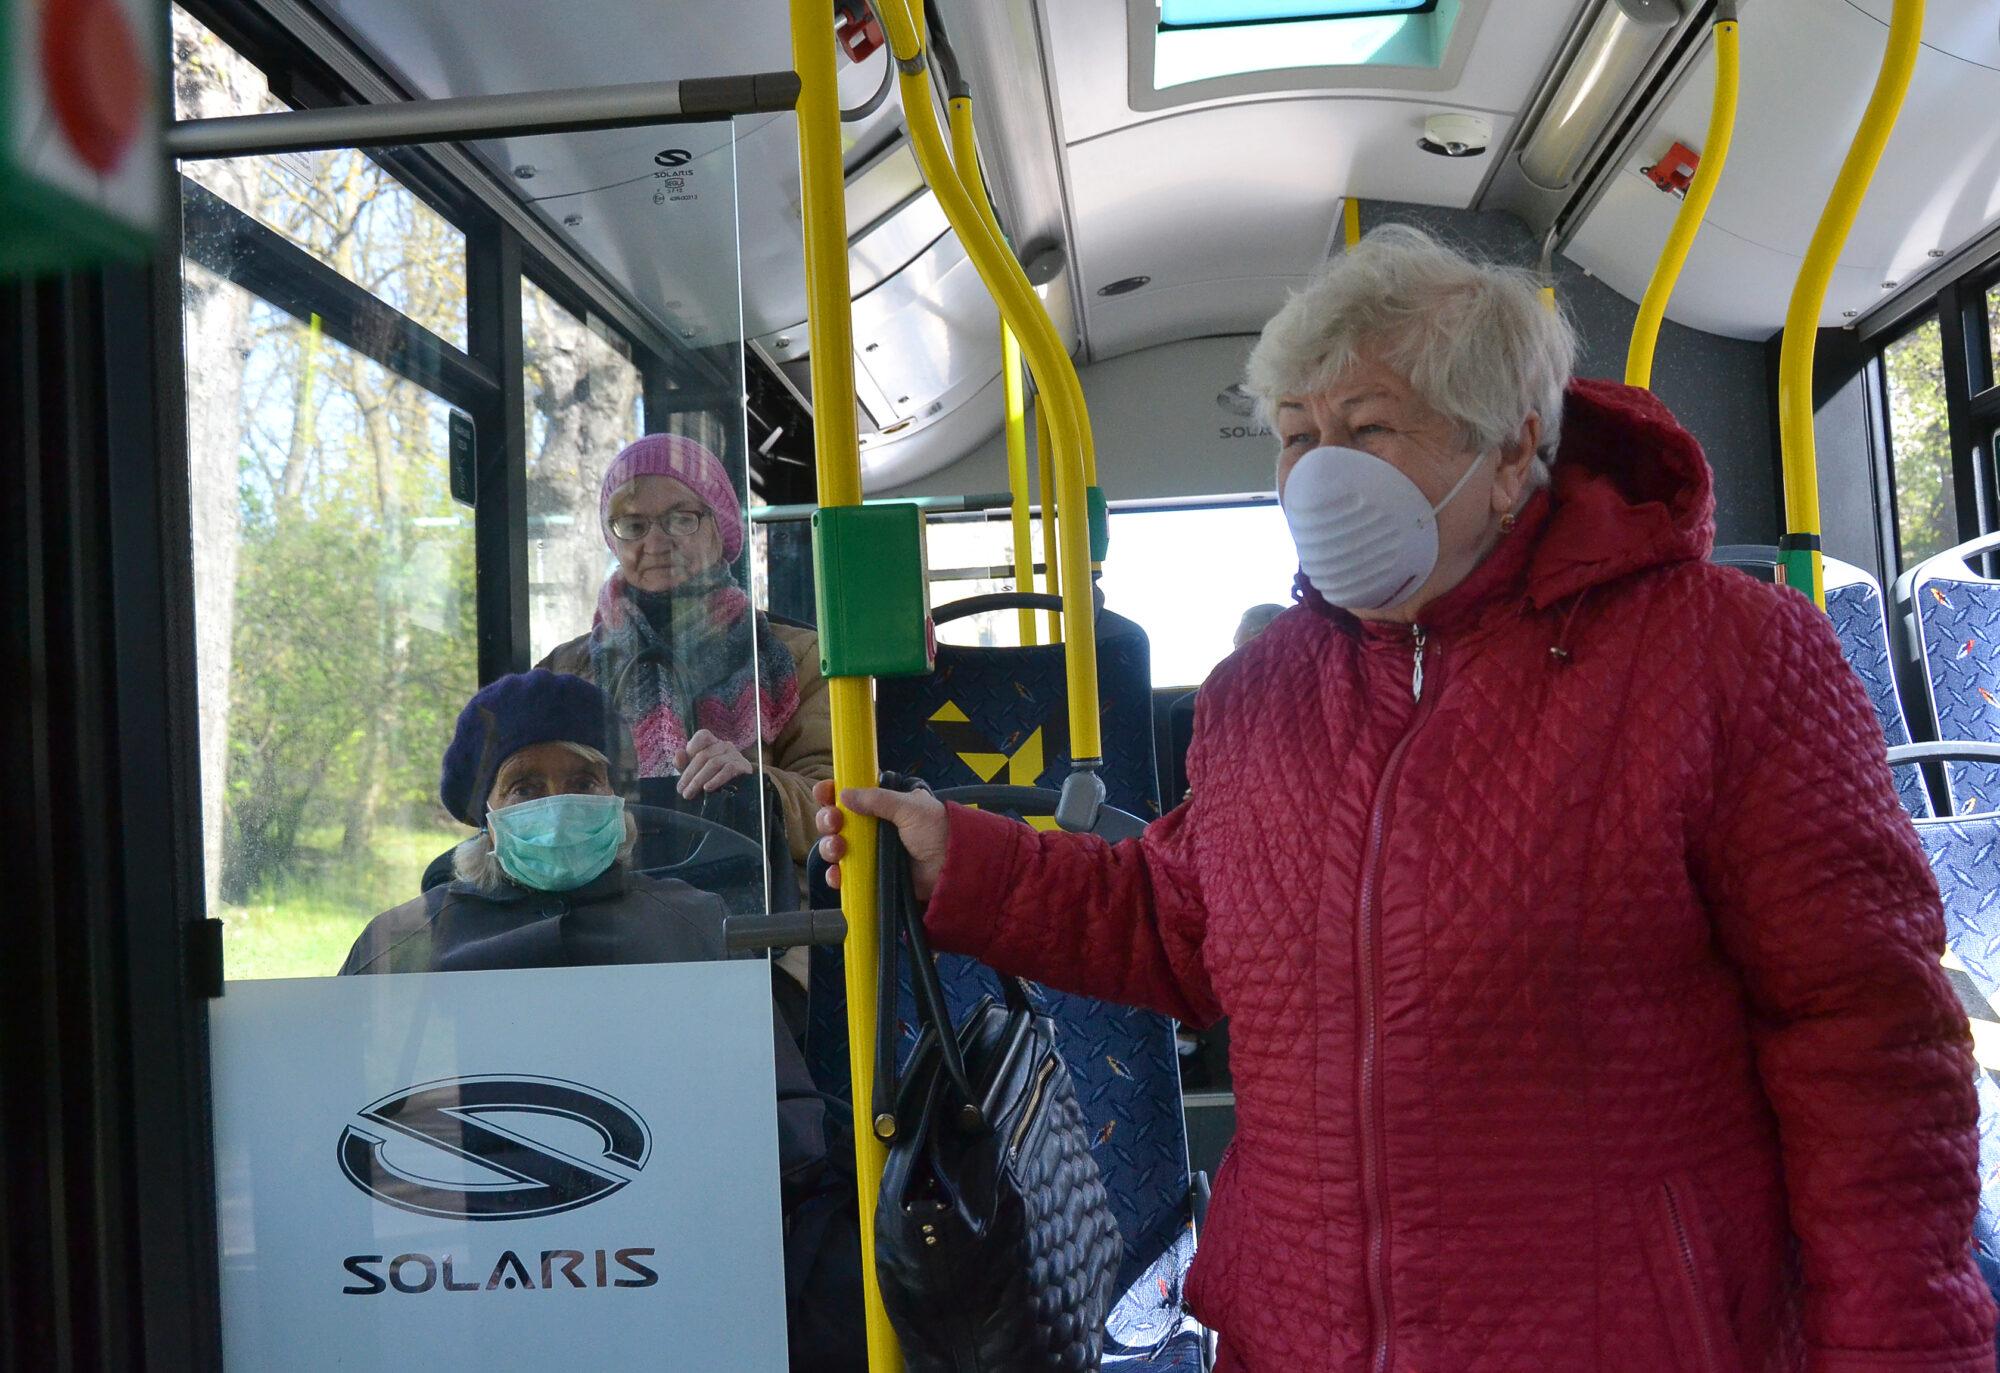 Sabiedriskajā transportā vairs nav obligāta sejas aizsegu lietošana